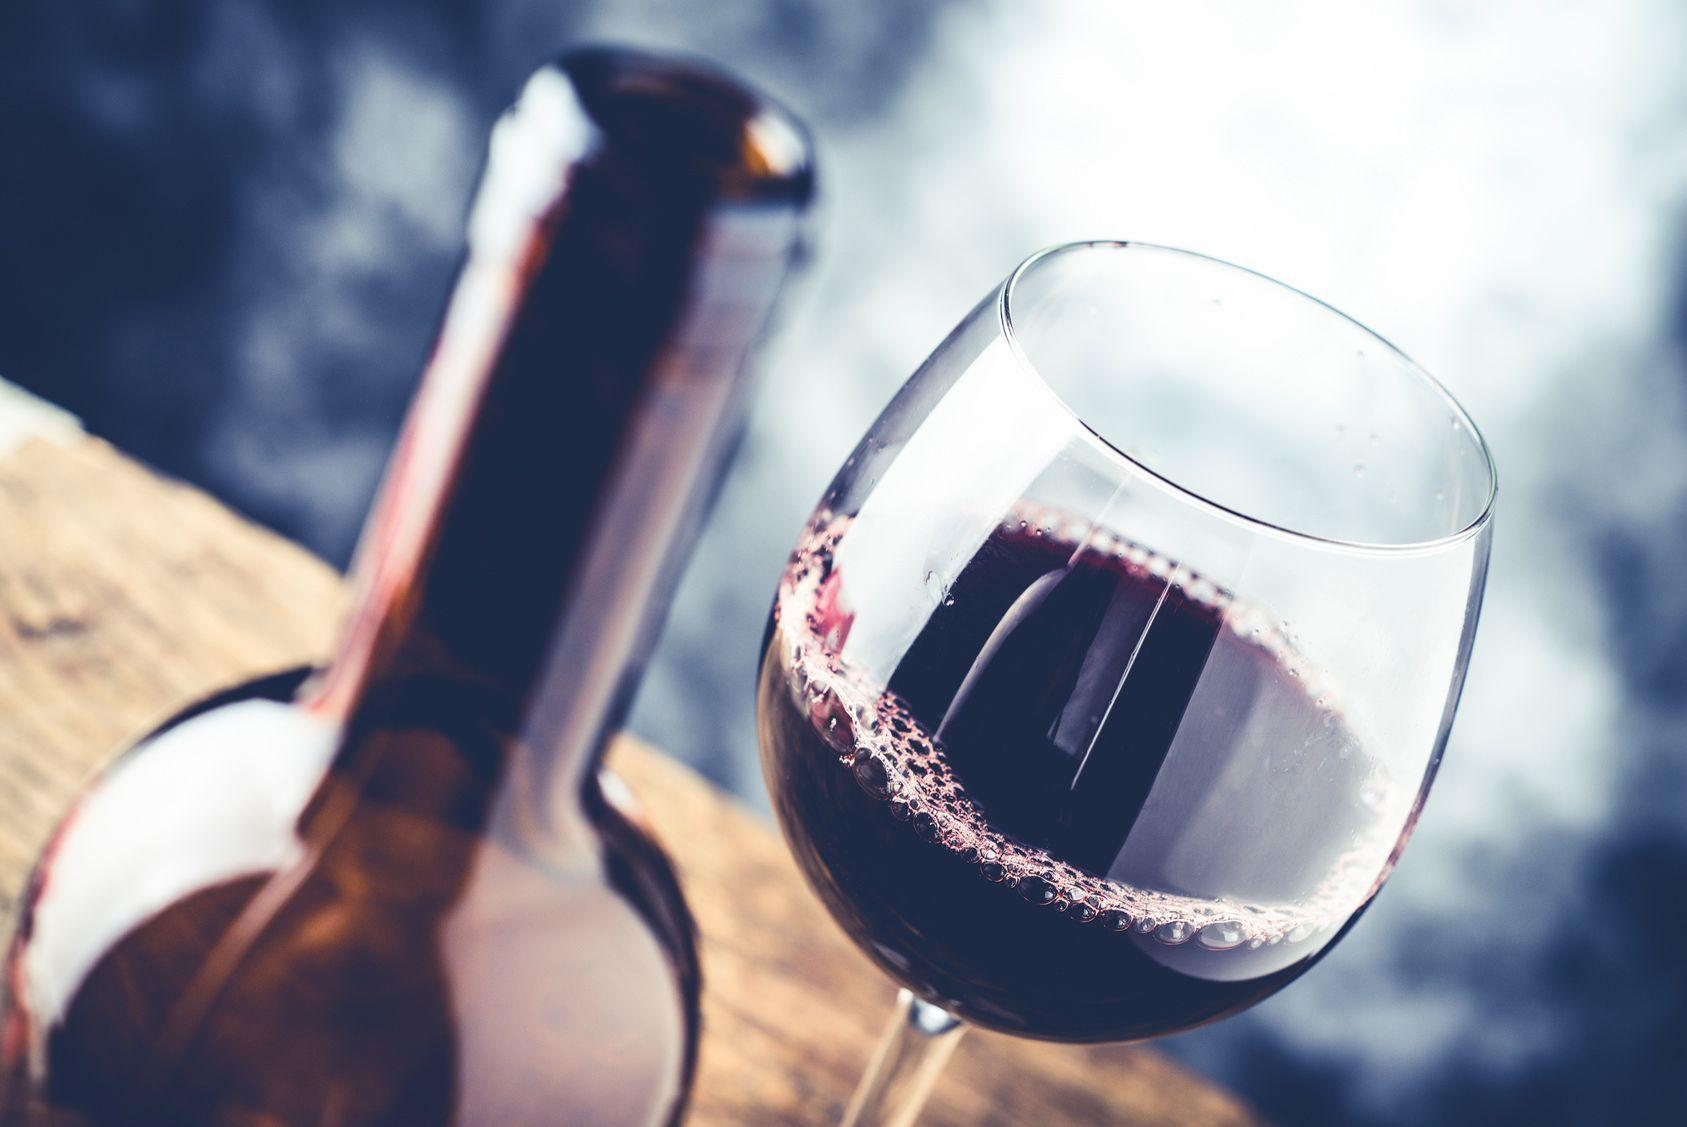 Un verre de vin quotidien suffit à augmenter le risque de